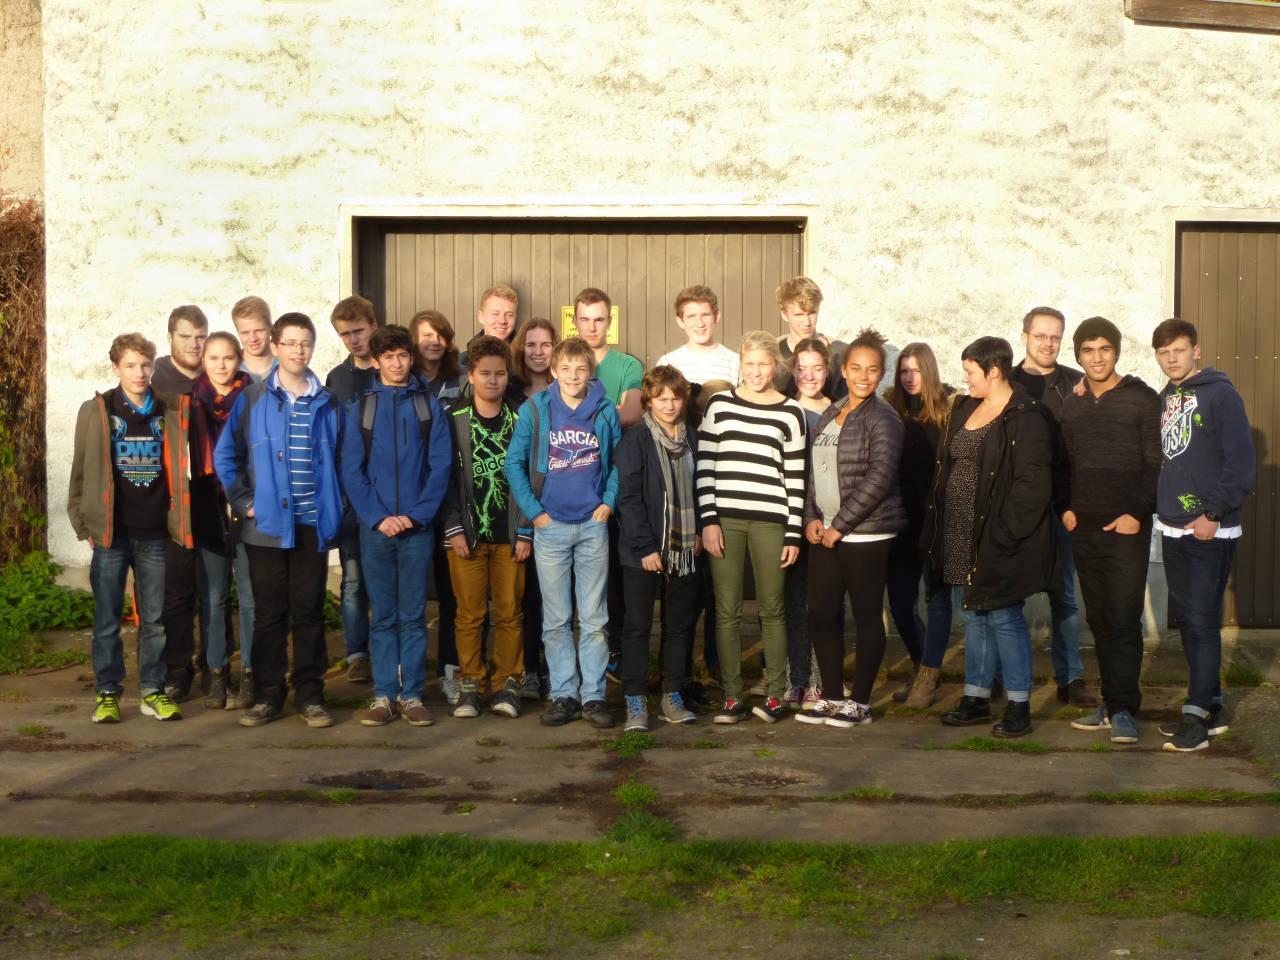 http://www.steingymnasium.de/wp-content/uploads/2015/01/GSVFahrtGruppenfotoWebsite.jpg